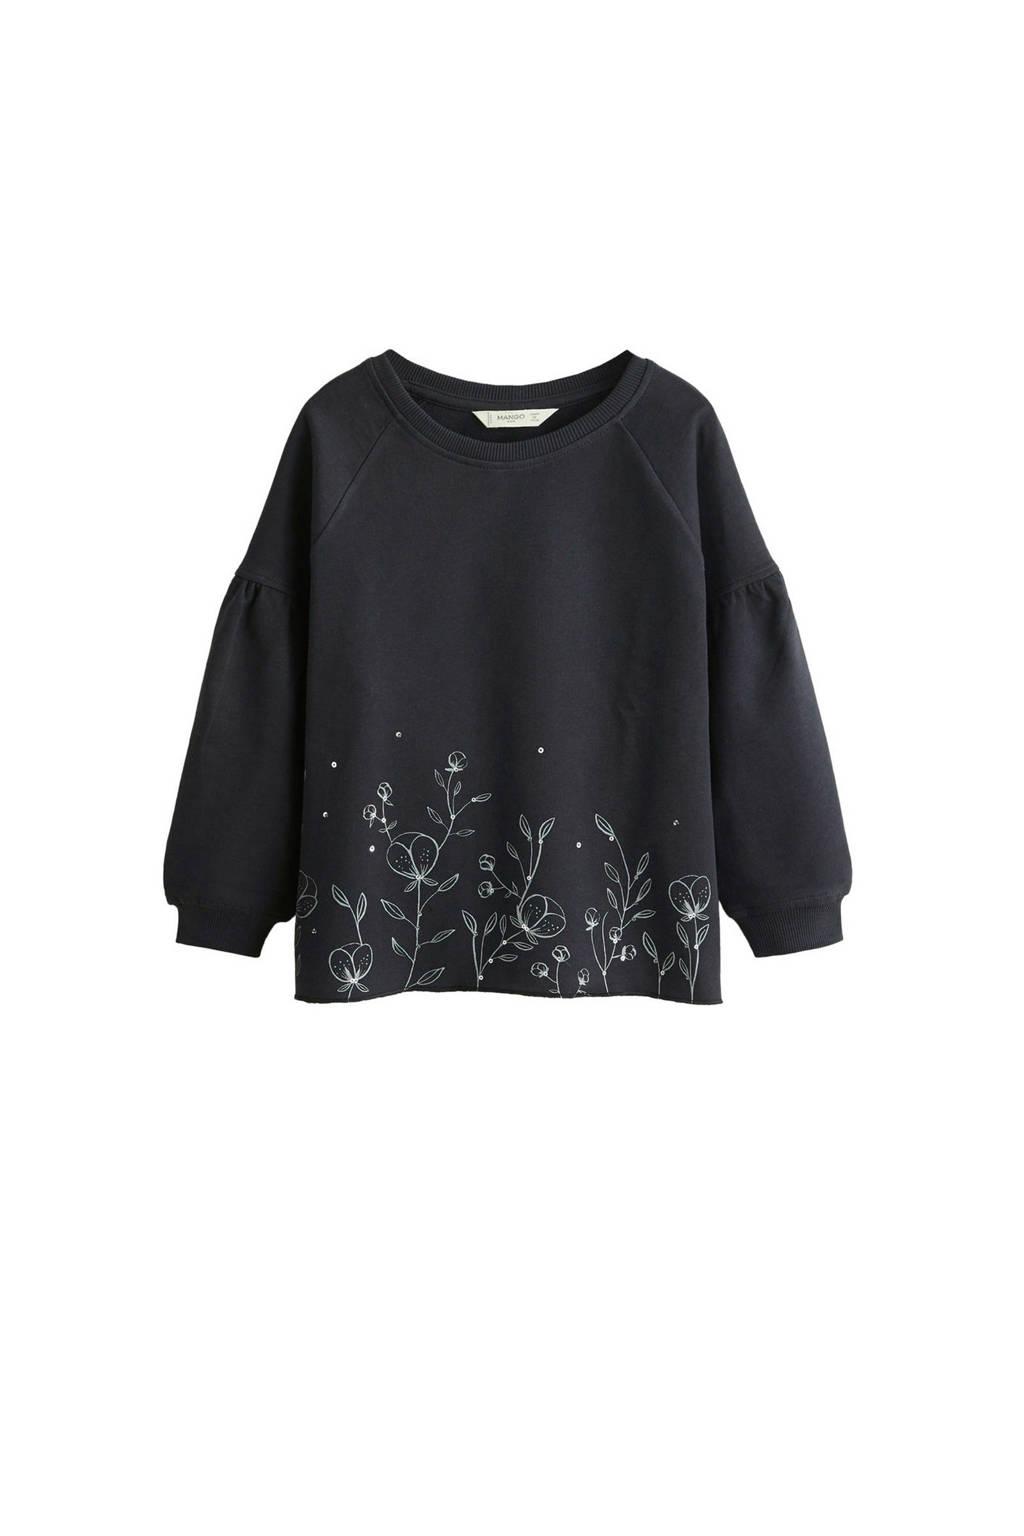 Mango Kids sweater met bloemenprint antraciet, Antraciet